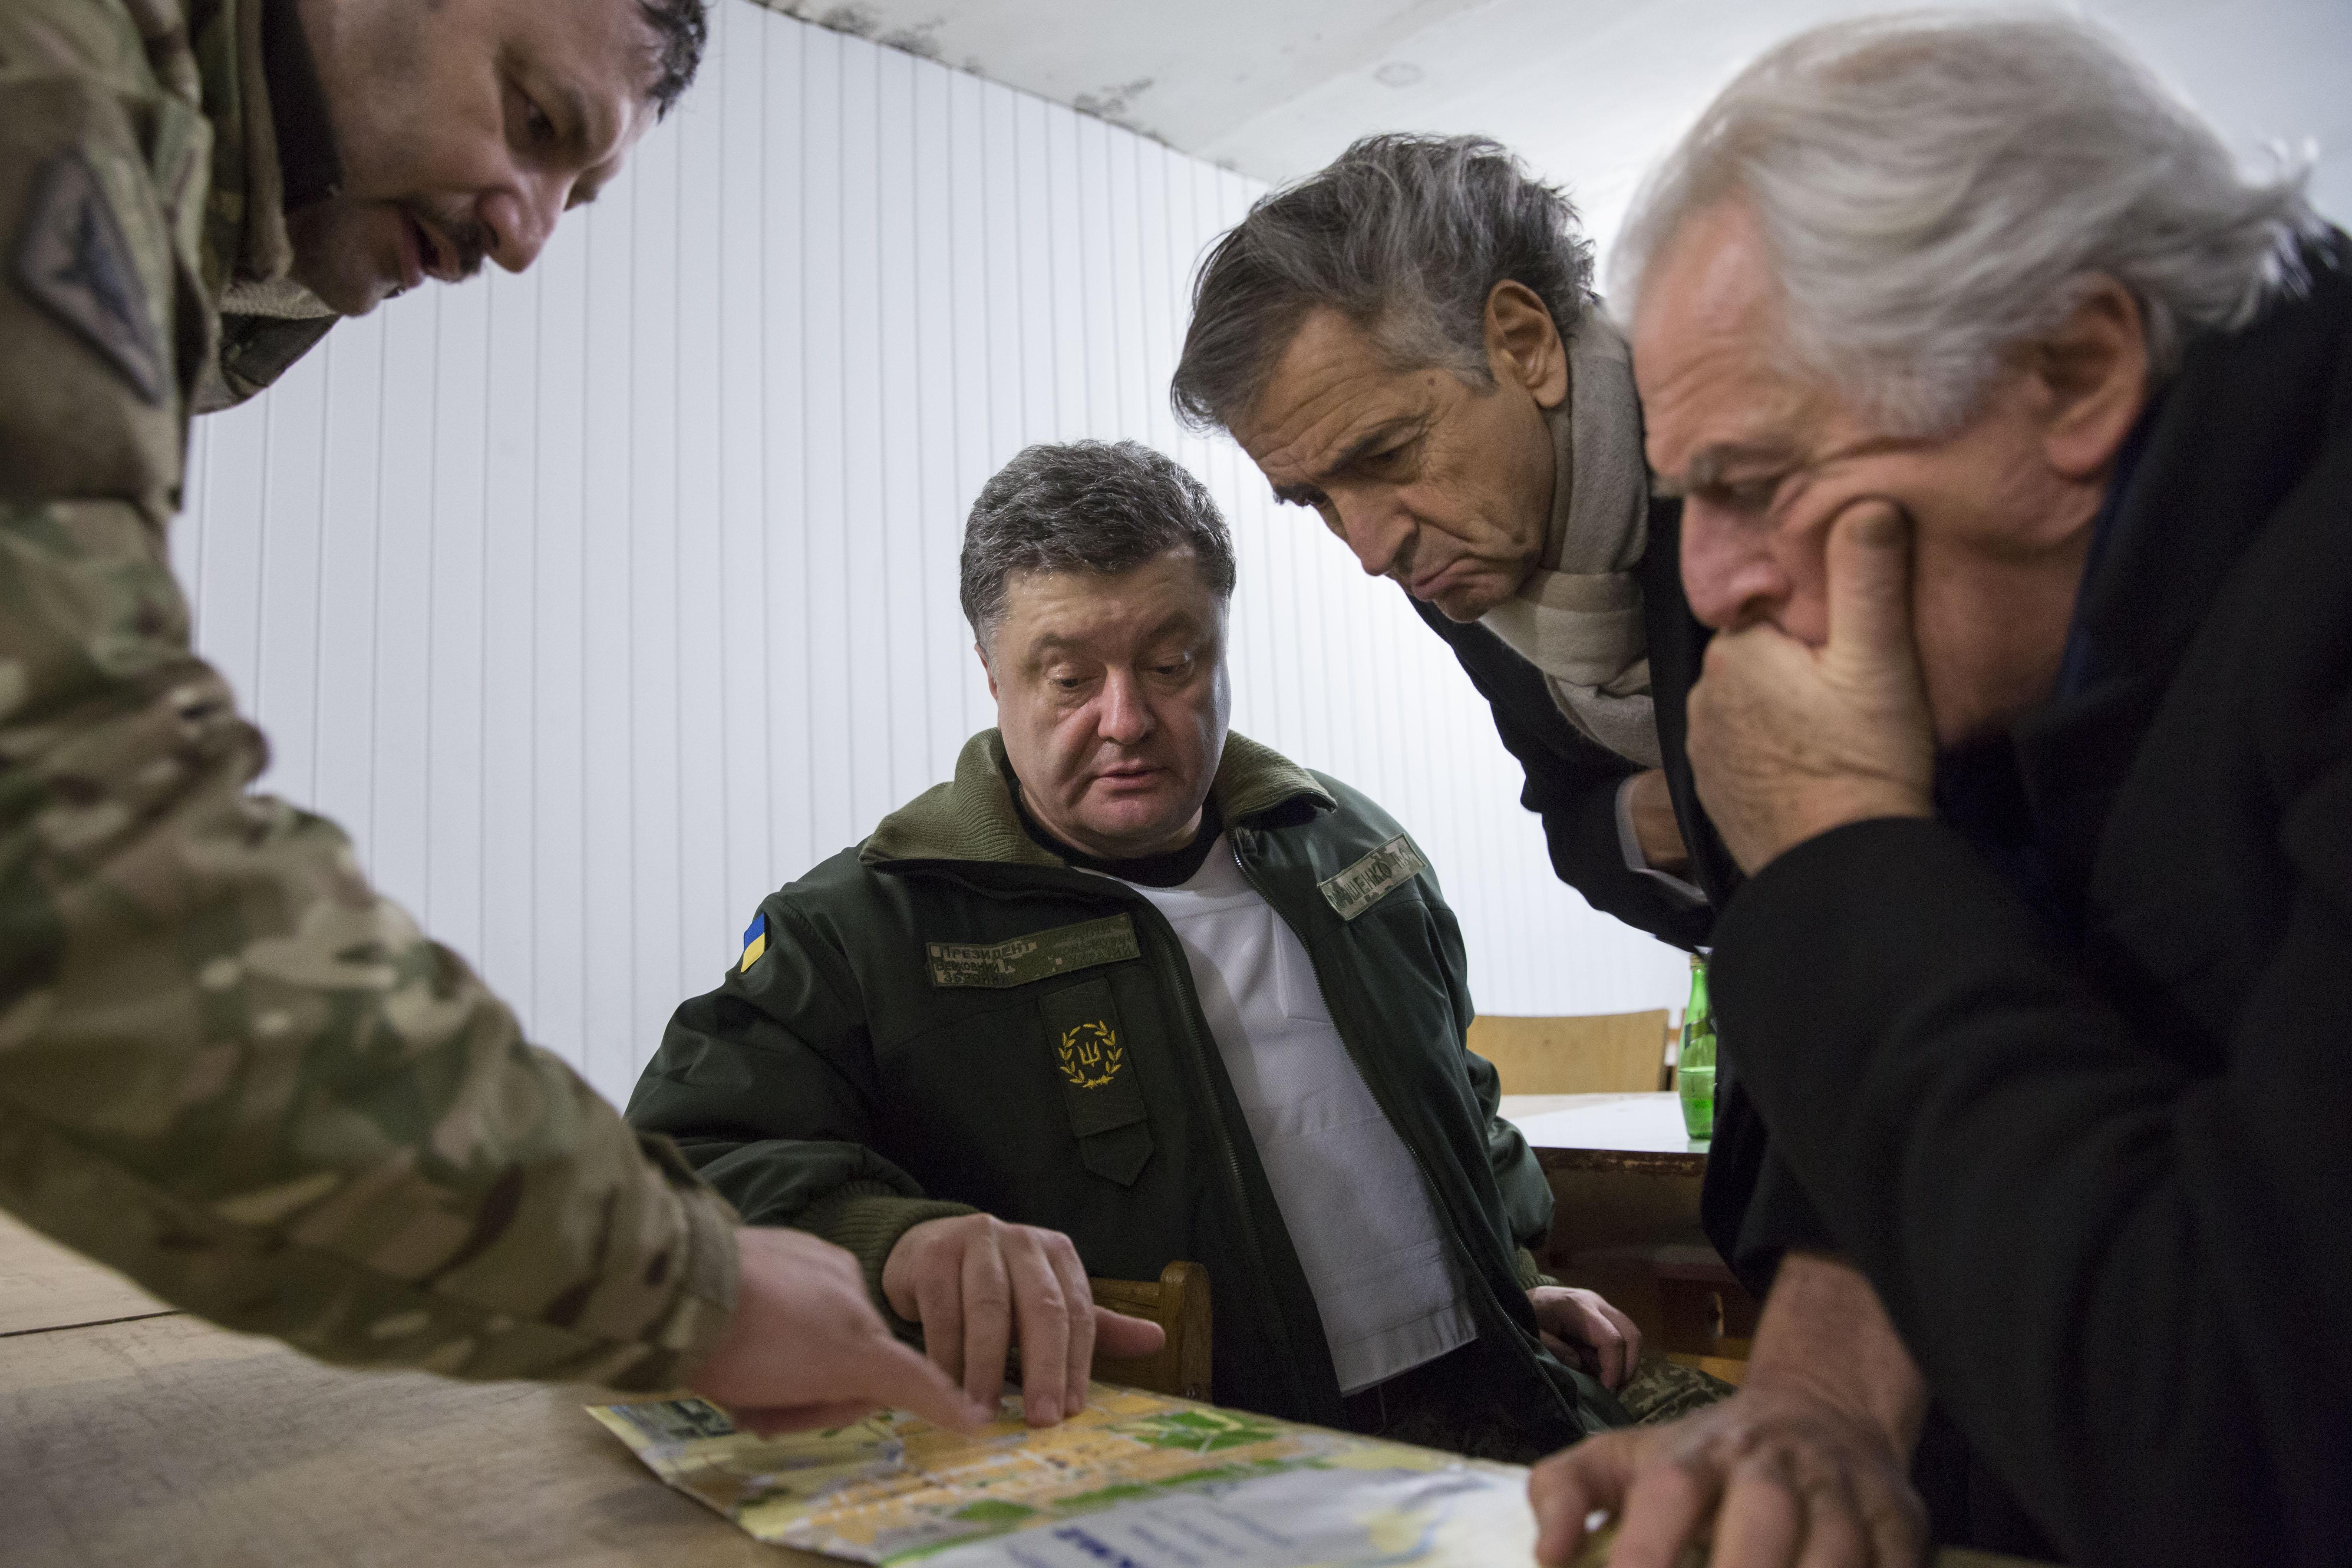 Porochenko-Kramatorsk_Bernard-Henri_Levy-Ukraine